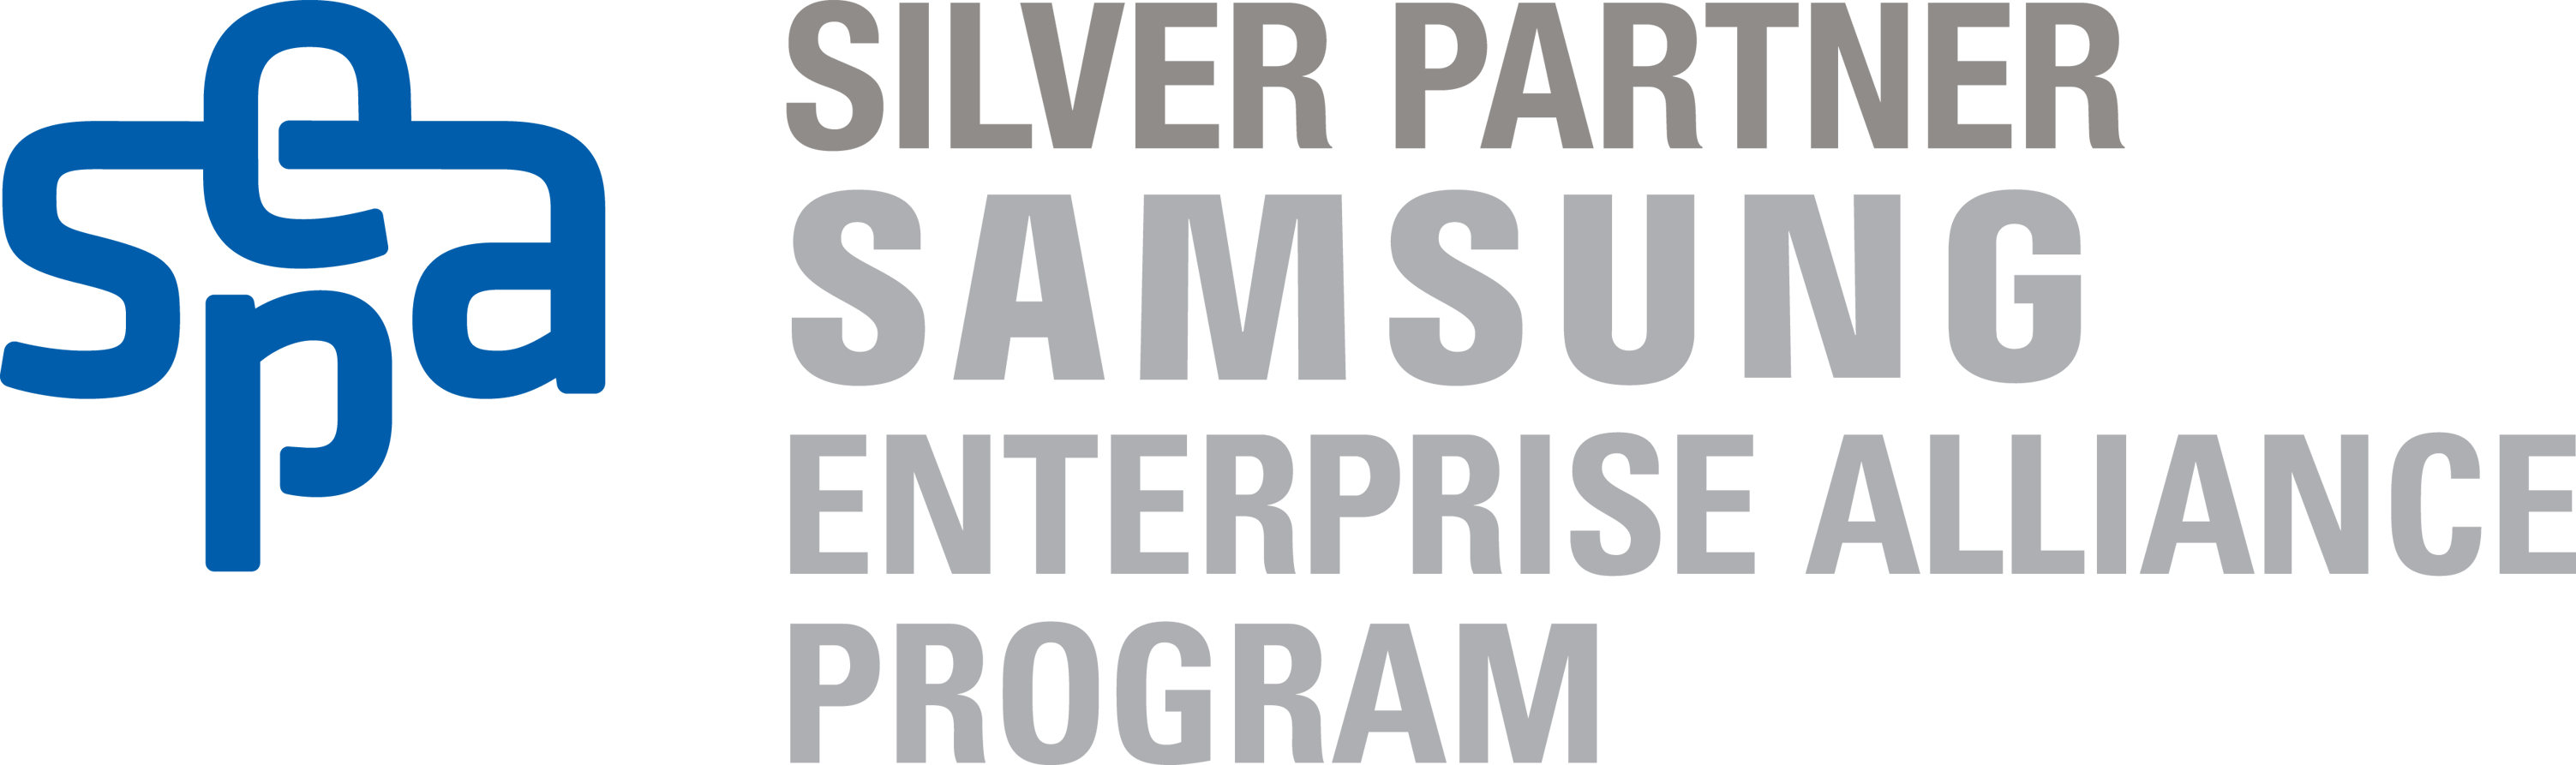 Samsung Enterprise Alliance Program Partner